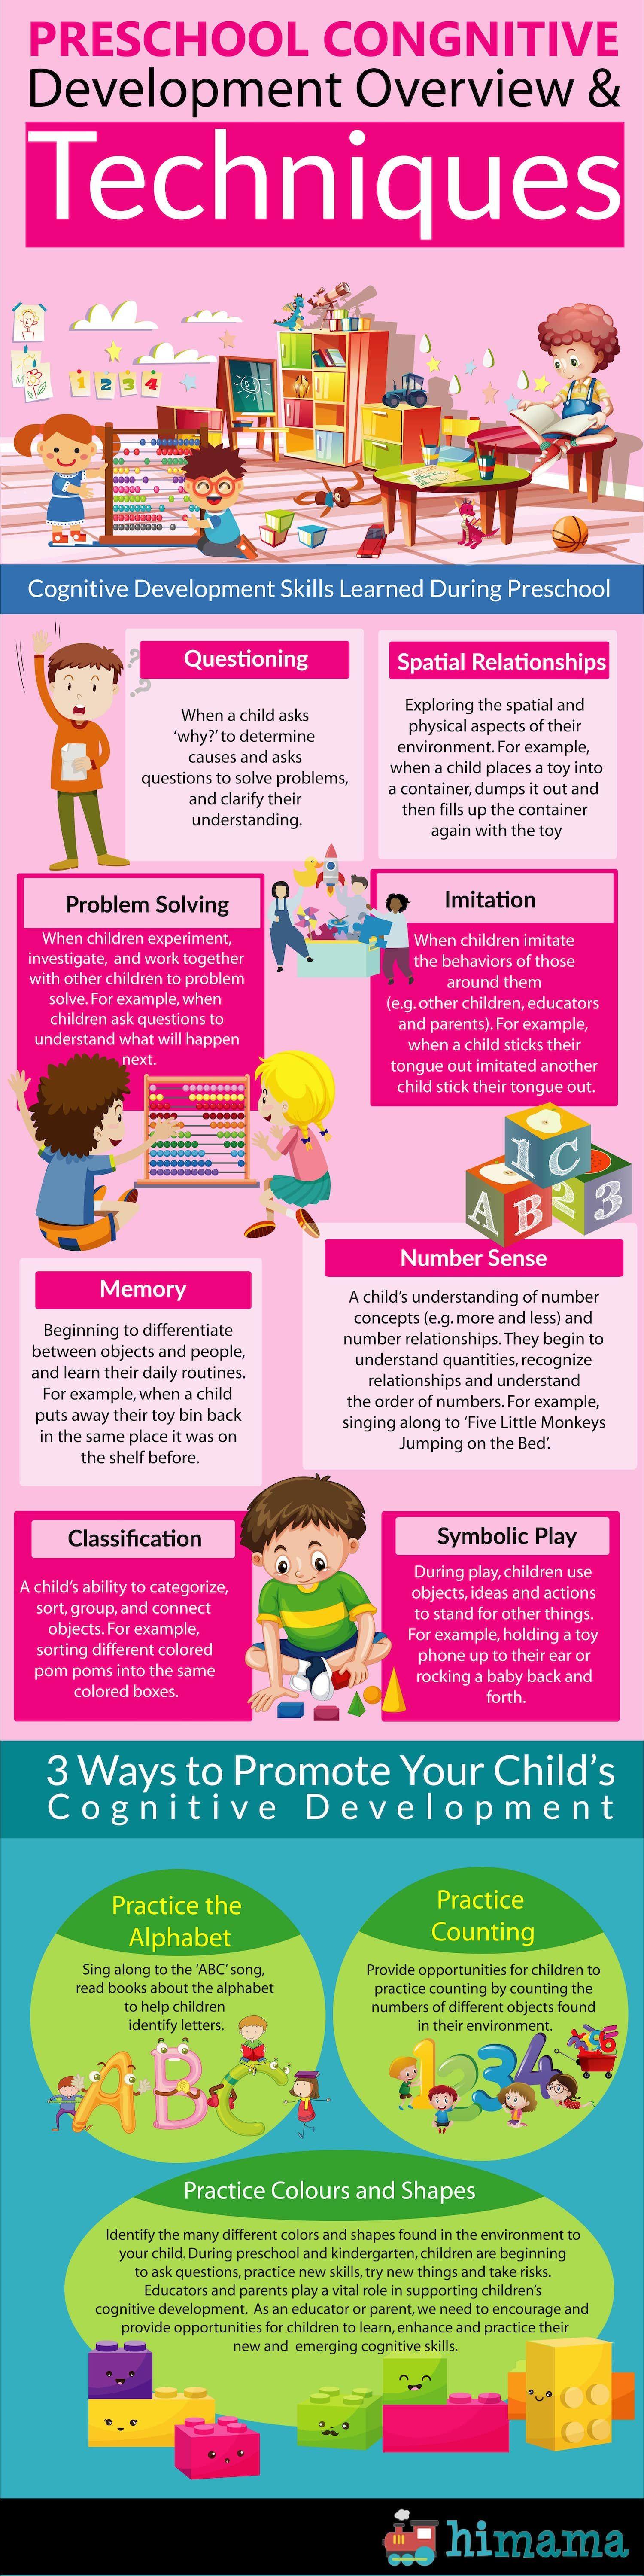 Preschool Cognitive Development Overview & Techniques ...